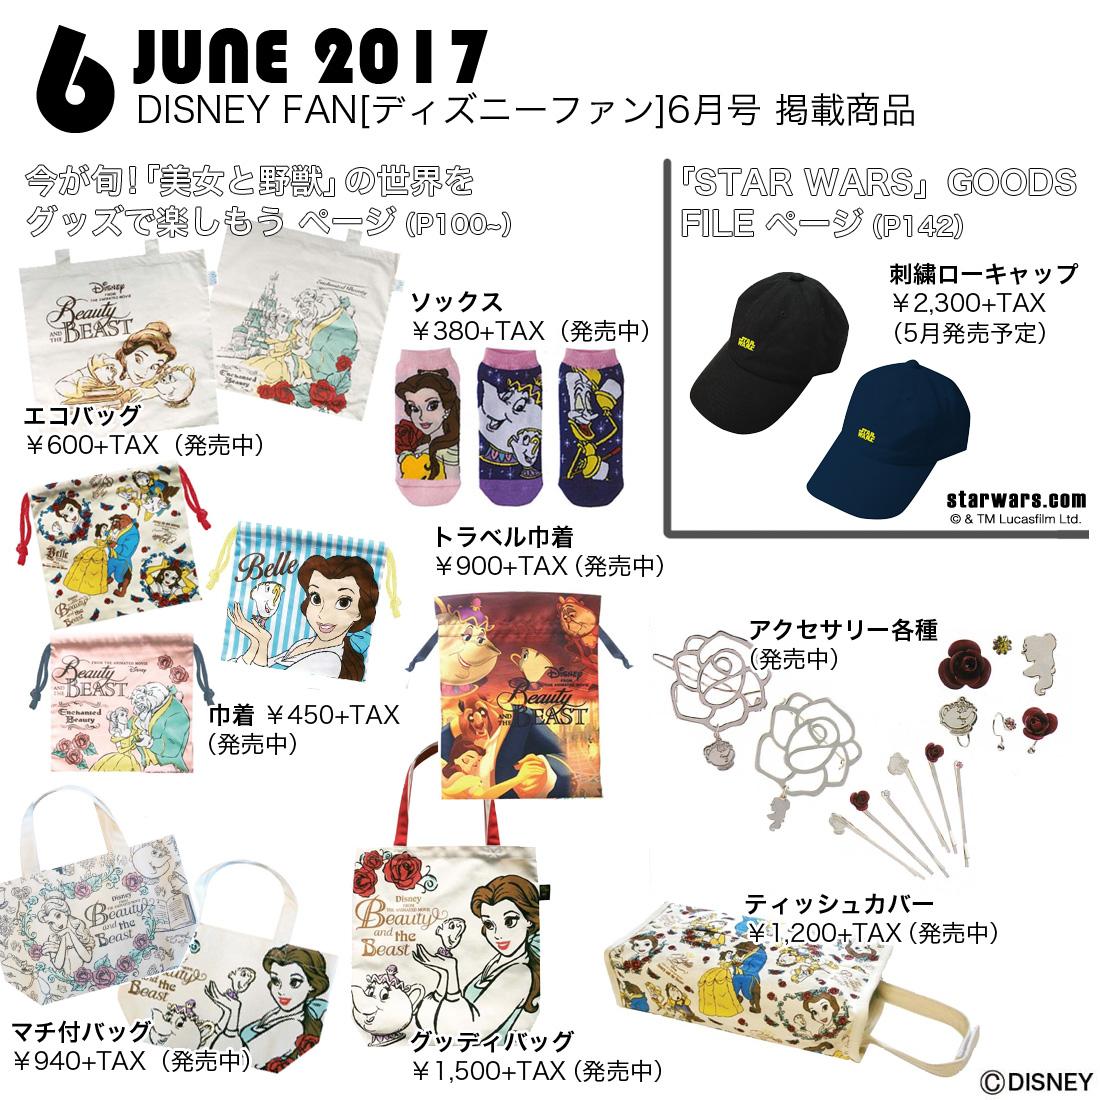 雑誌】2017年4月25日(火)発売「disney fan 6月号」(株式会社講談社